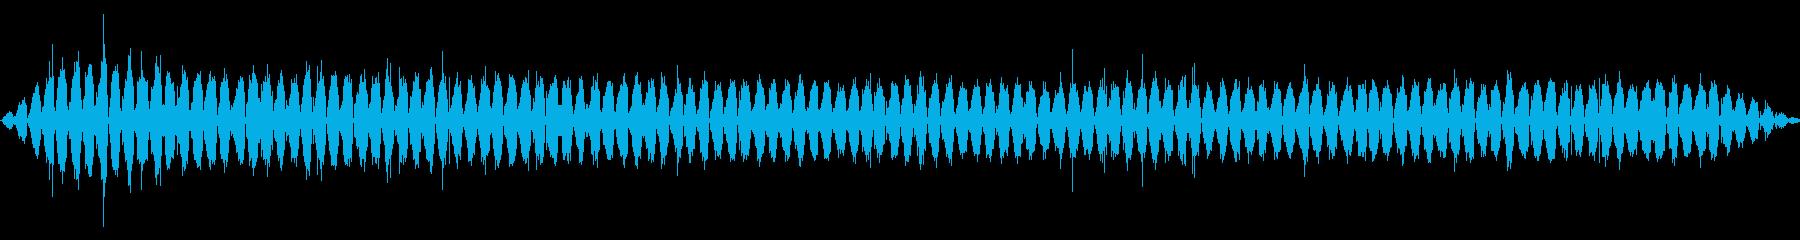 ハンド:スロースムースサンディング...の再生済みの波形